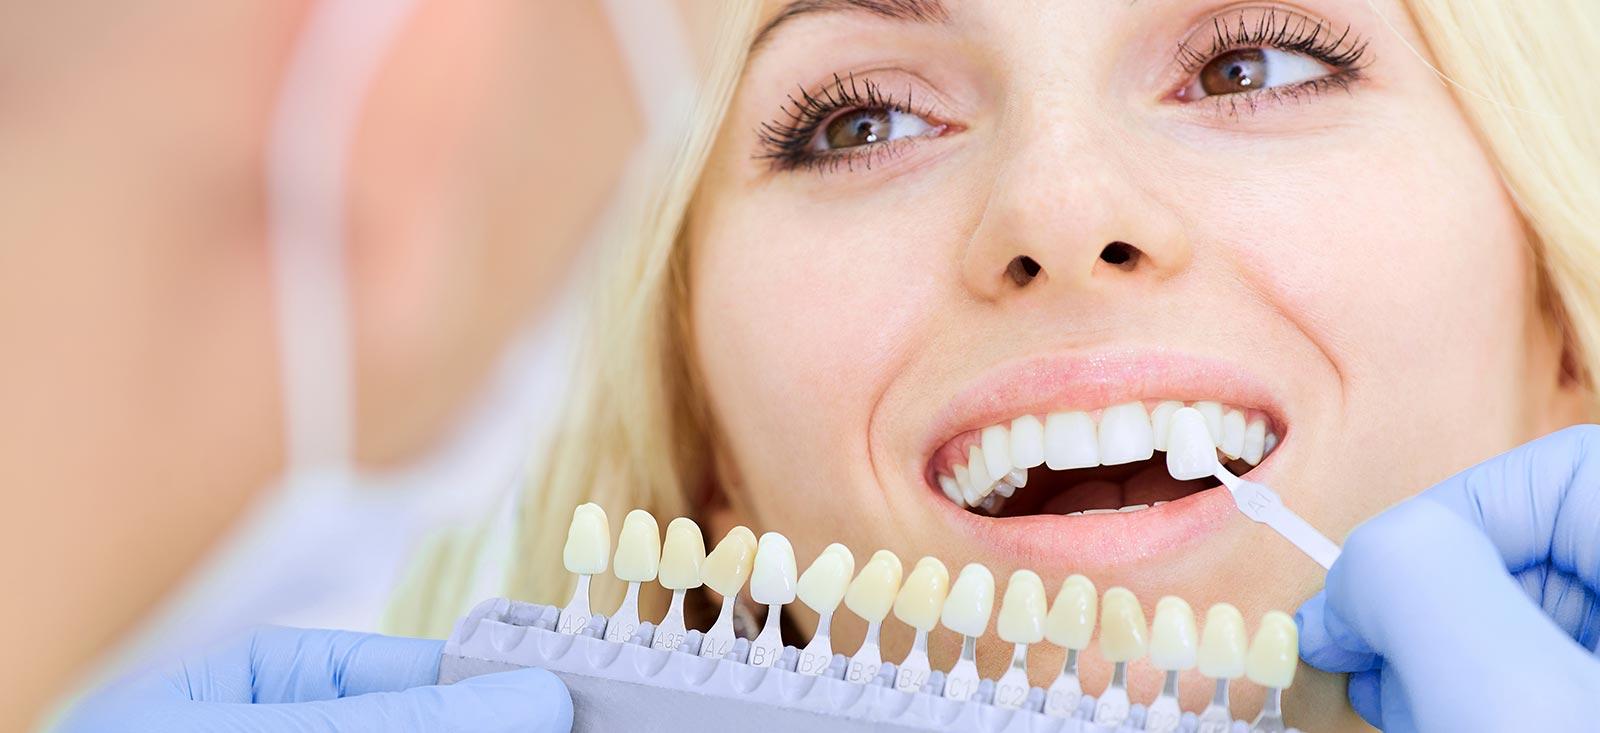 Zähne aufhellen - Zahnfarbe bestimmen